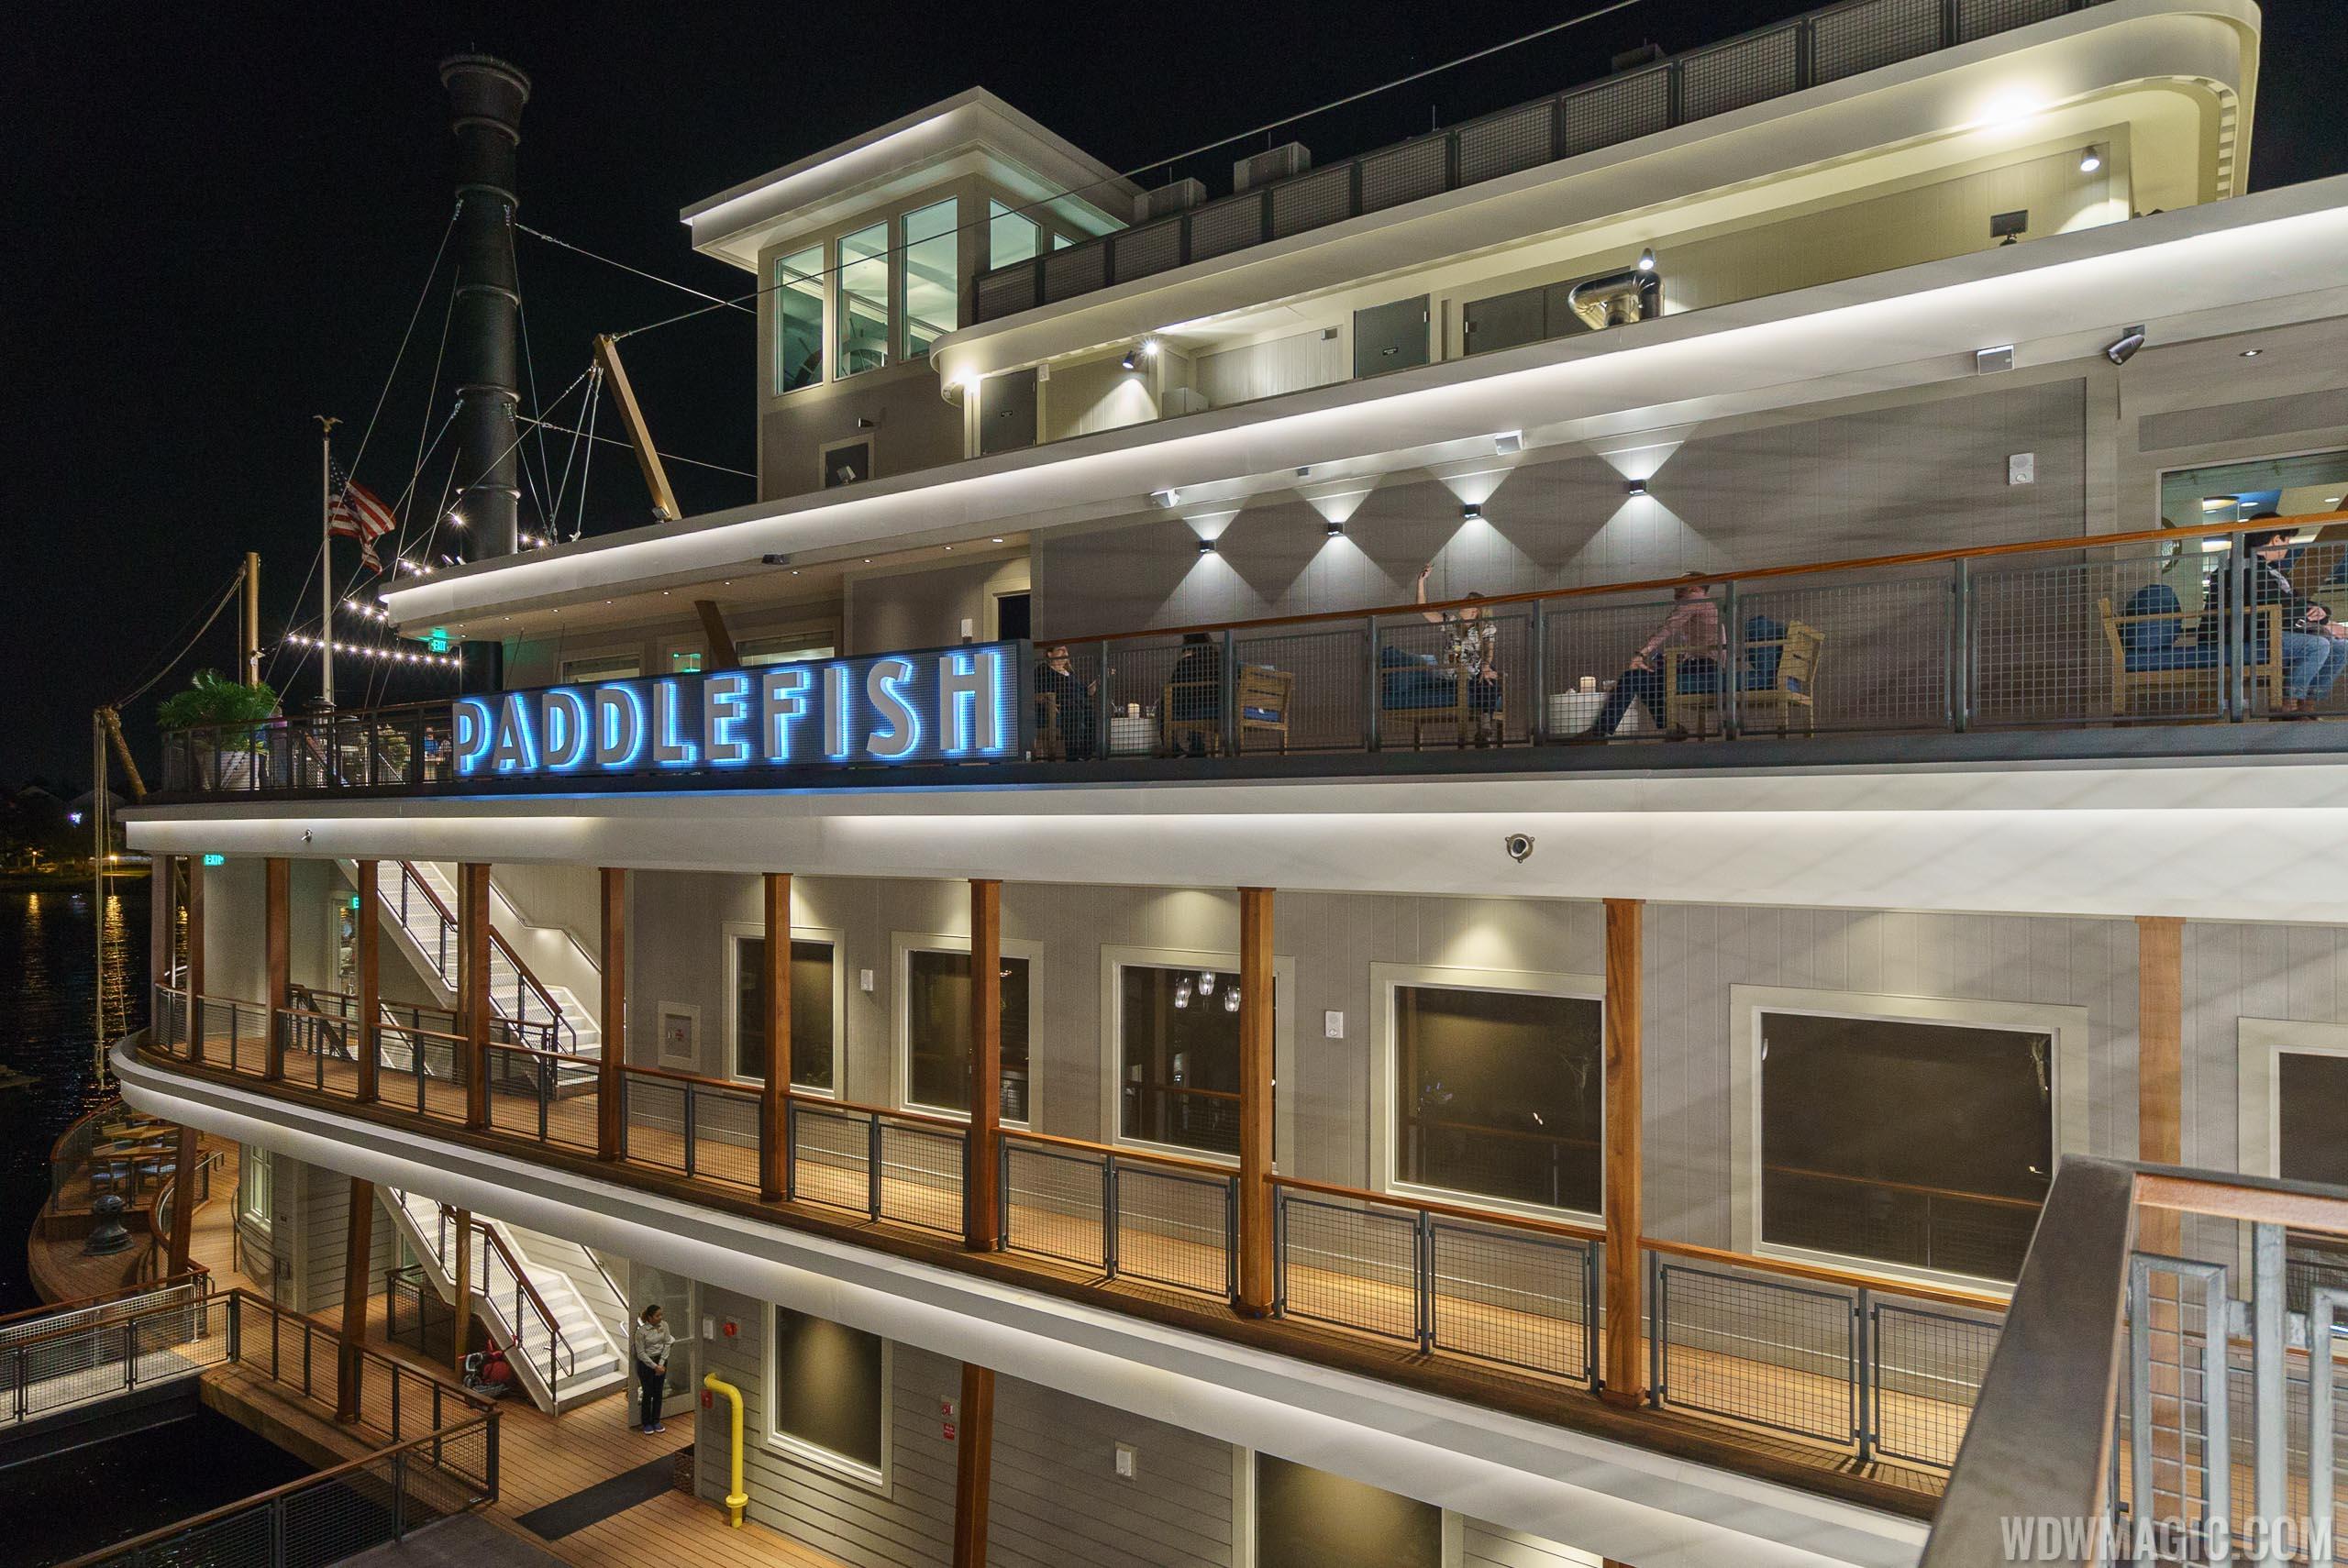 Paddlefish tour